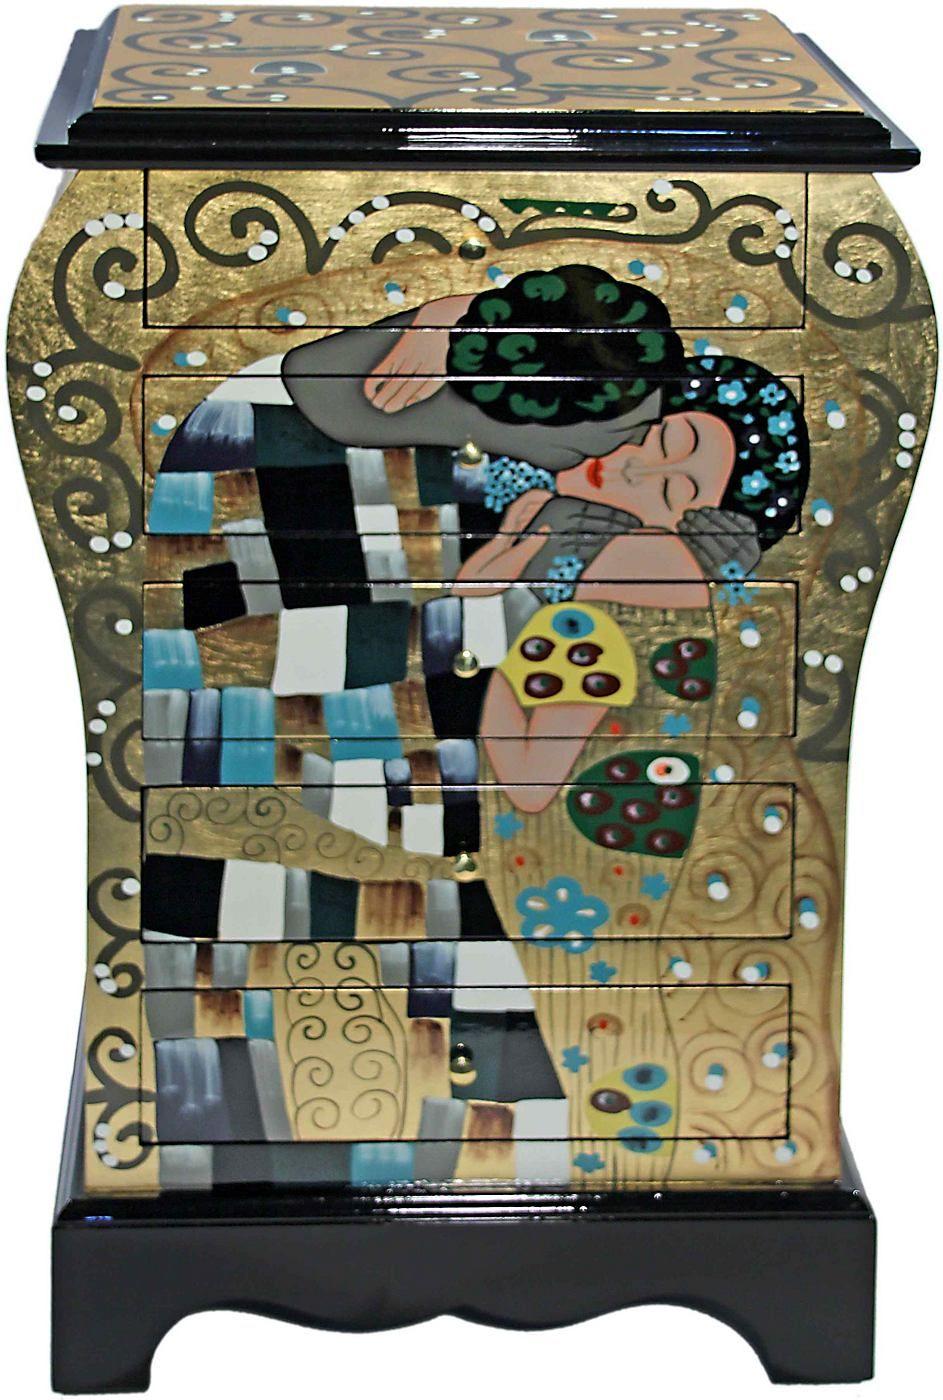 Eine hochwertige und eindrucksvolle Serie des Künstlers Gustav Klimt. Als Vorlage für die stimmungsvolle Kommode mit 5 Schubkästen diente Klimts berühmtestes Gemälde »Der Kuss« aus seiner »goldenen Periode«. Die Stücke sind in liebevoller Handarbeit mit Goldfolie belegt und bemalt. Jedes Stück der Serie ist somit ein unverwechselbares Einzelstück. Die dekorative Kommode ist aus MDF gefertigt un...